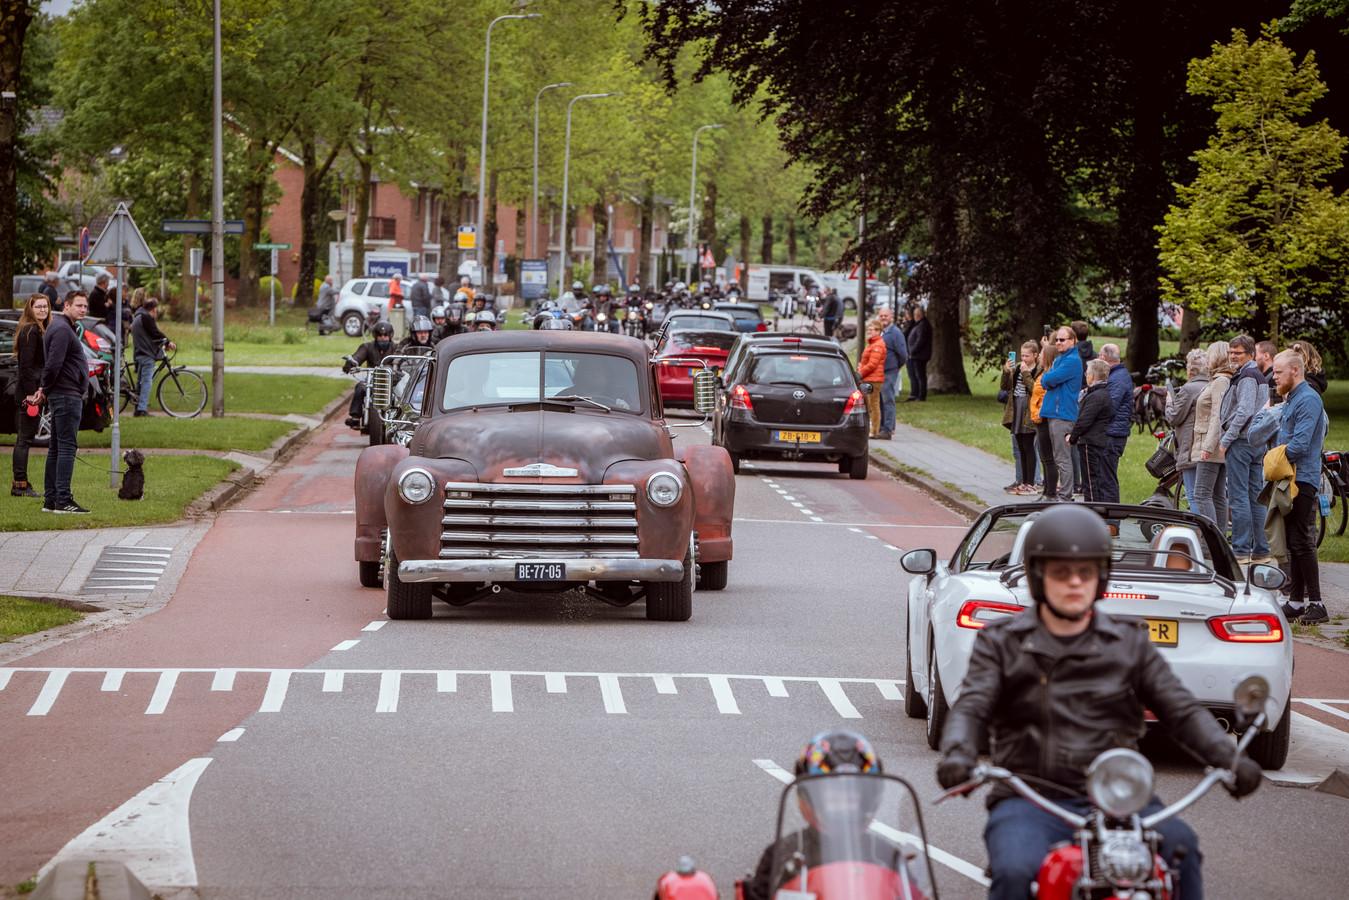 Honderden motorrijders begeleidden de oude pick up-truck waarop de kist van Frits Volkerink stond, van Ommen naar Hardenberg. De stoet trok veel bekijks in Ommen.